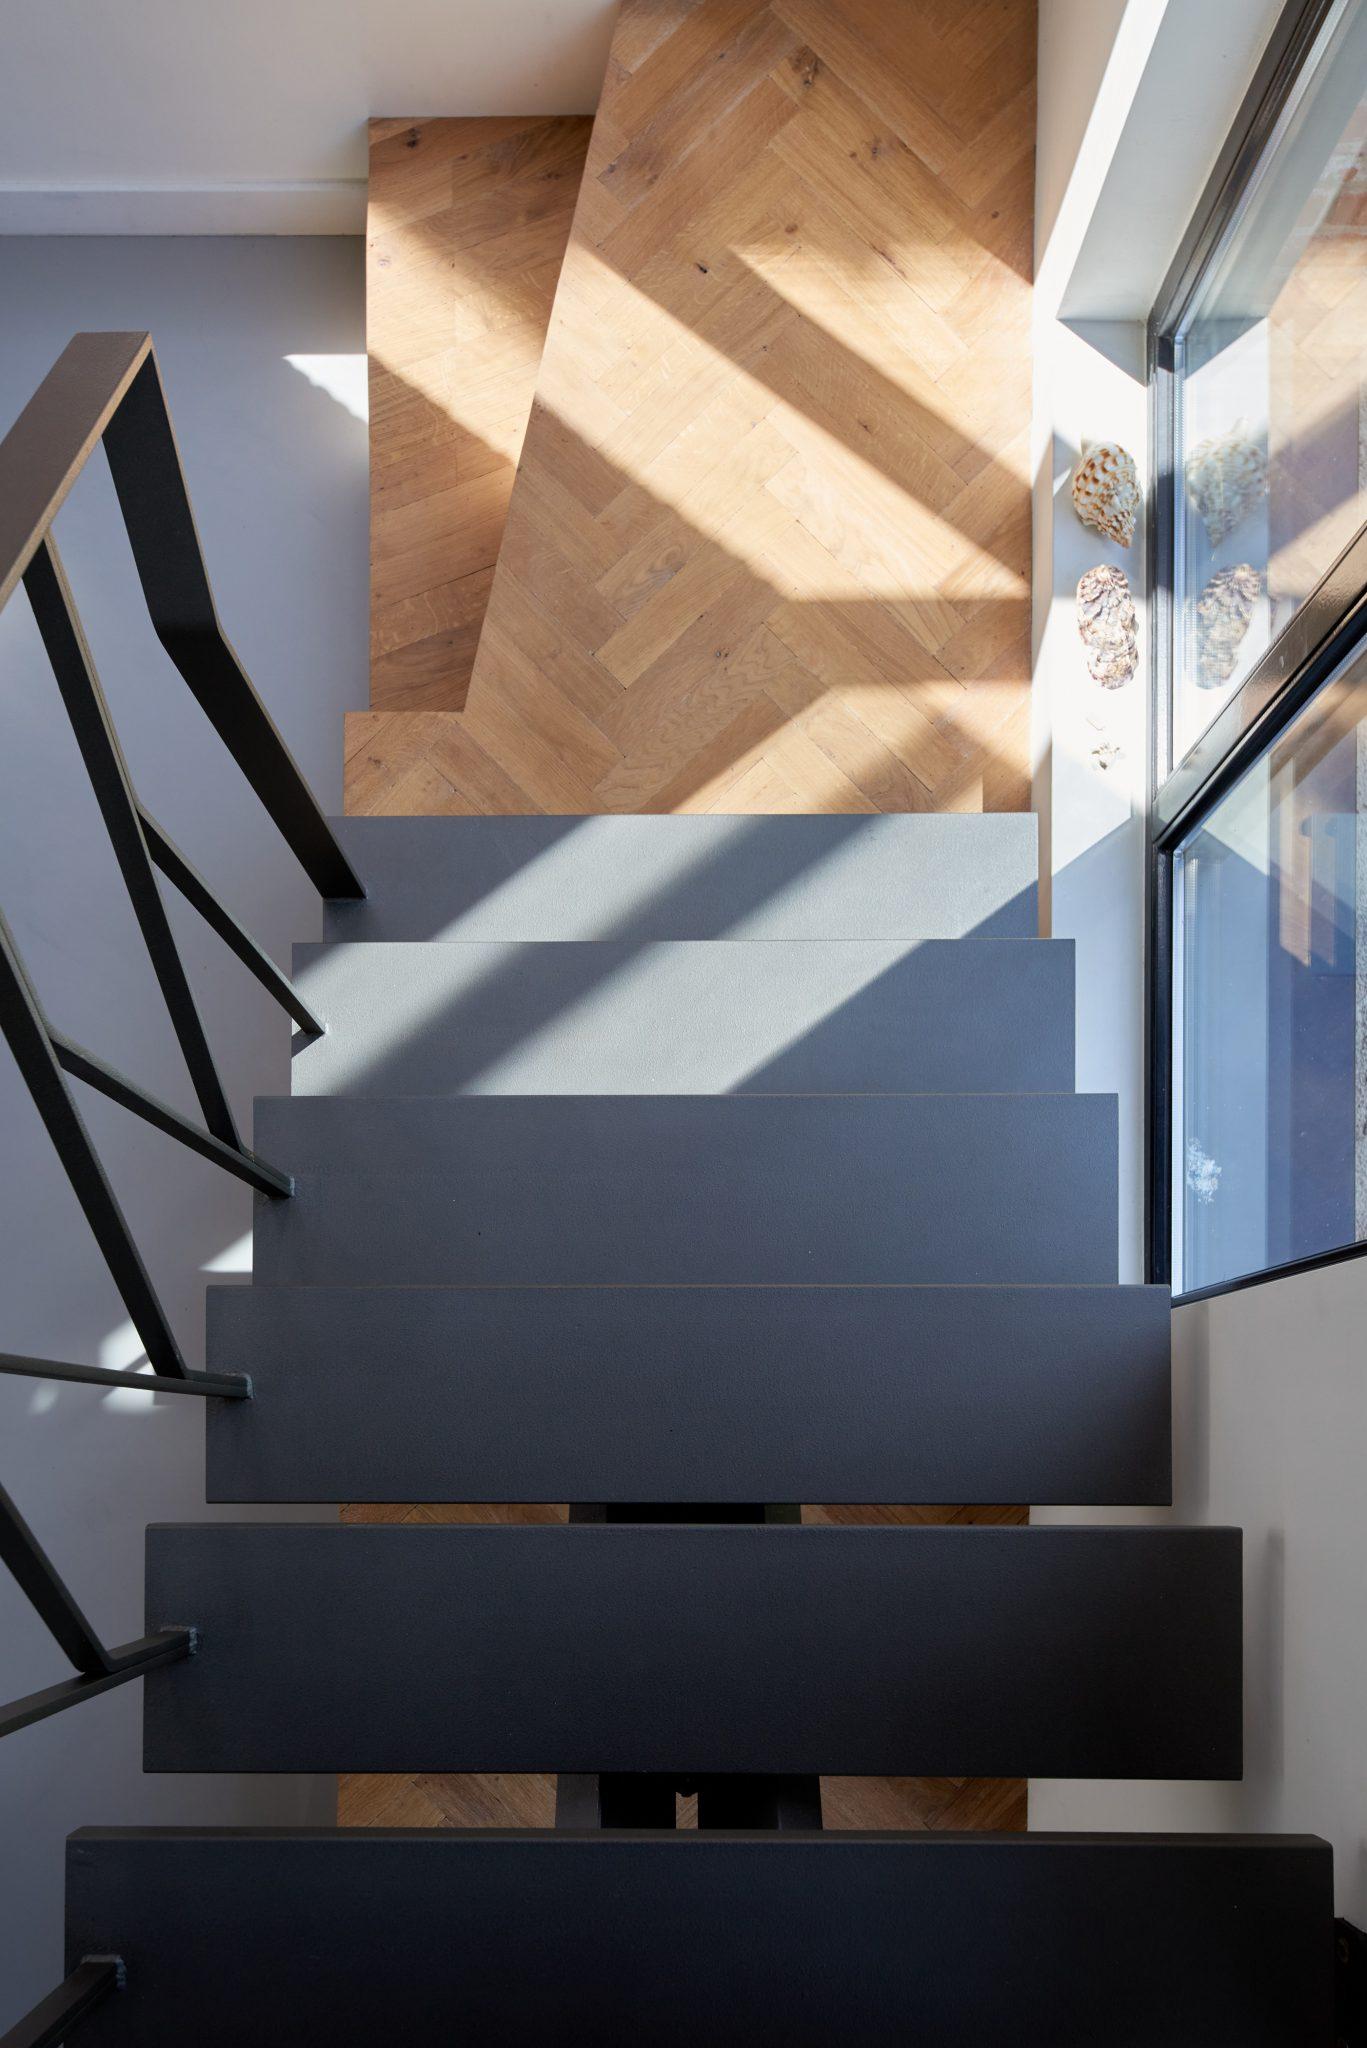 Stalen grijze design trap met een middenboom en stalen leuning. Eikenhouten visgraat vloer.